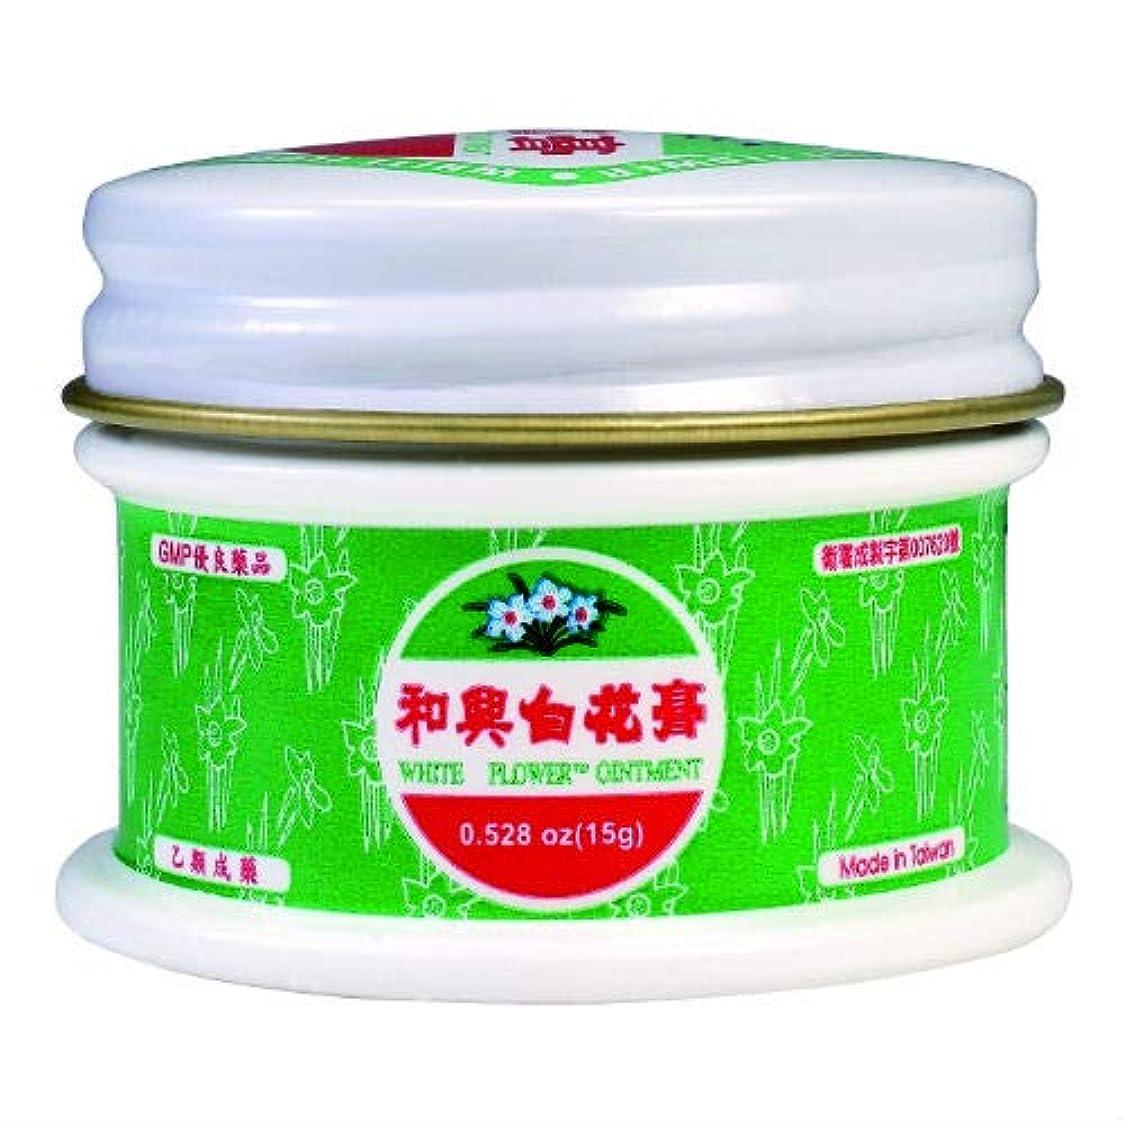 トランジスタソース宣伝台湾 純正版 白花膏 15g( 白花油軟膏タイプ )